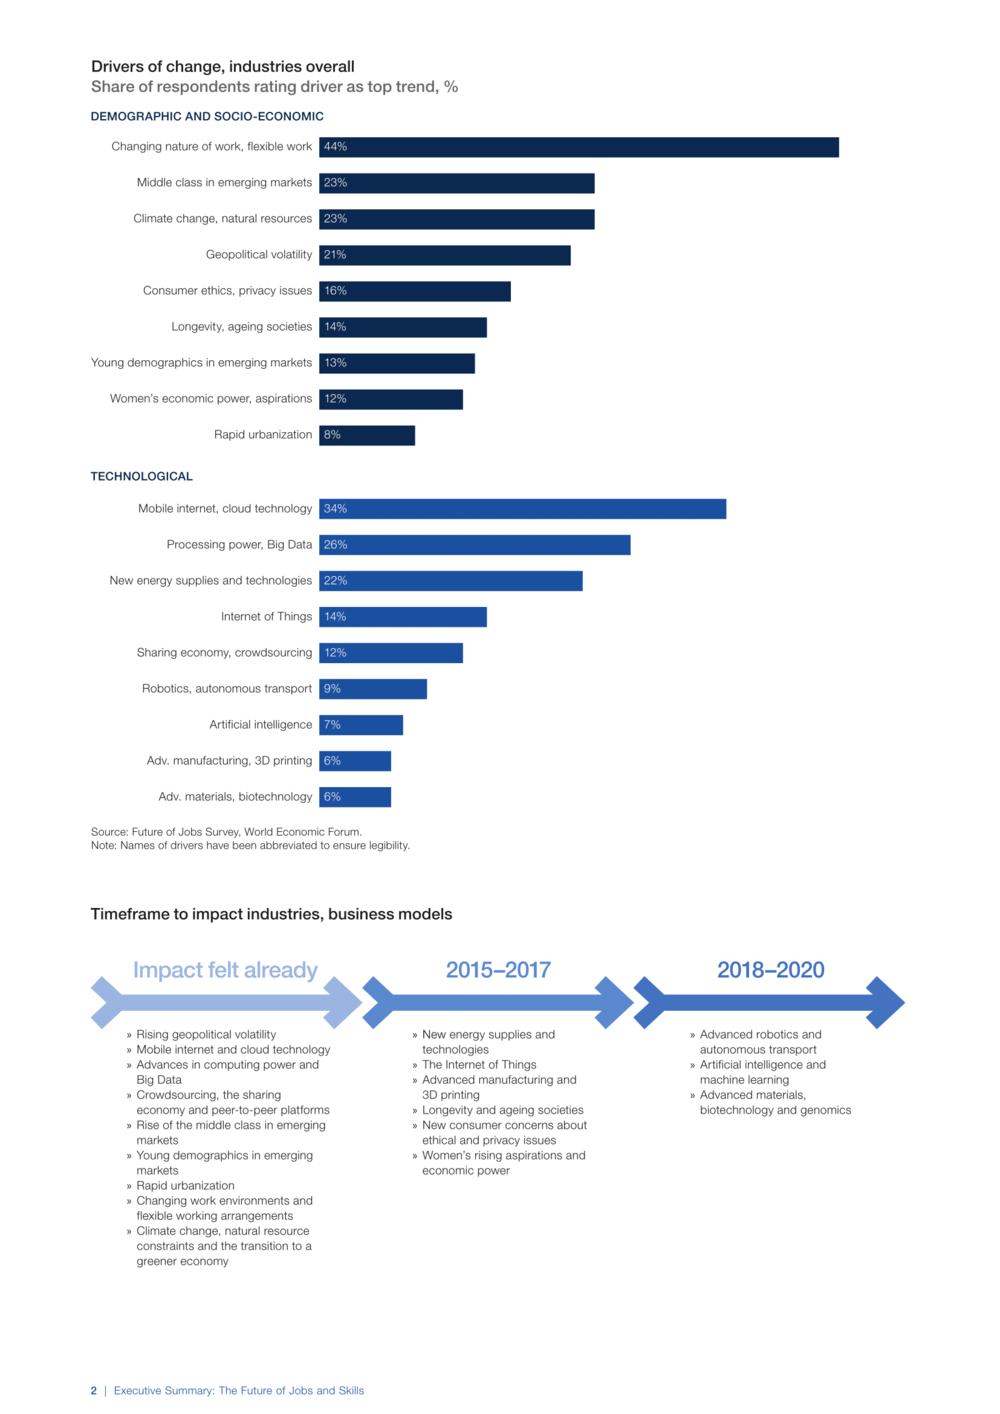 изменения на рынке труда